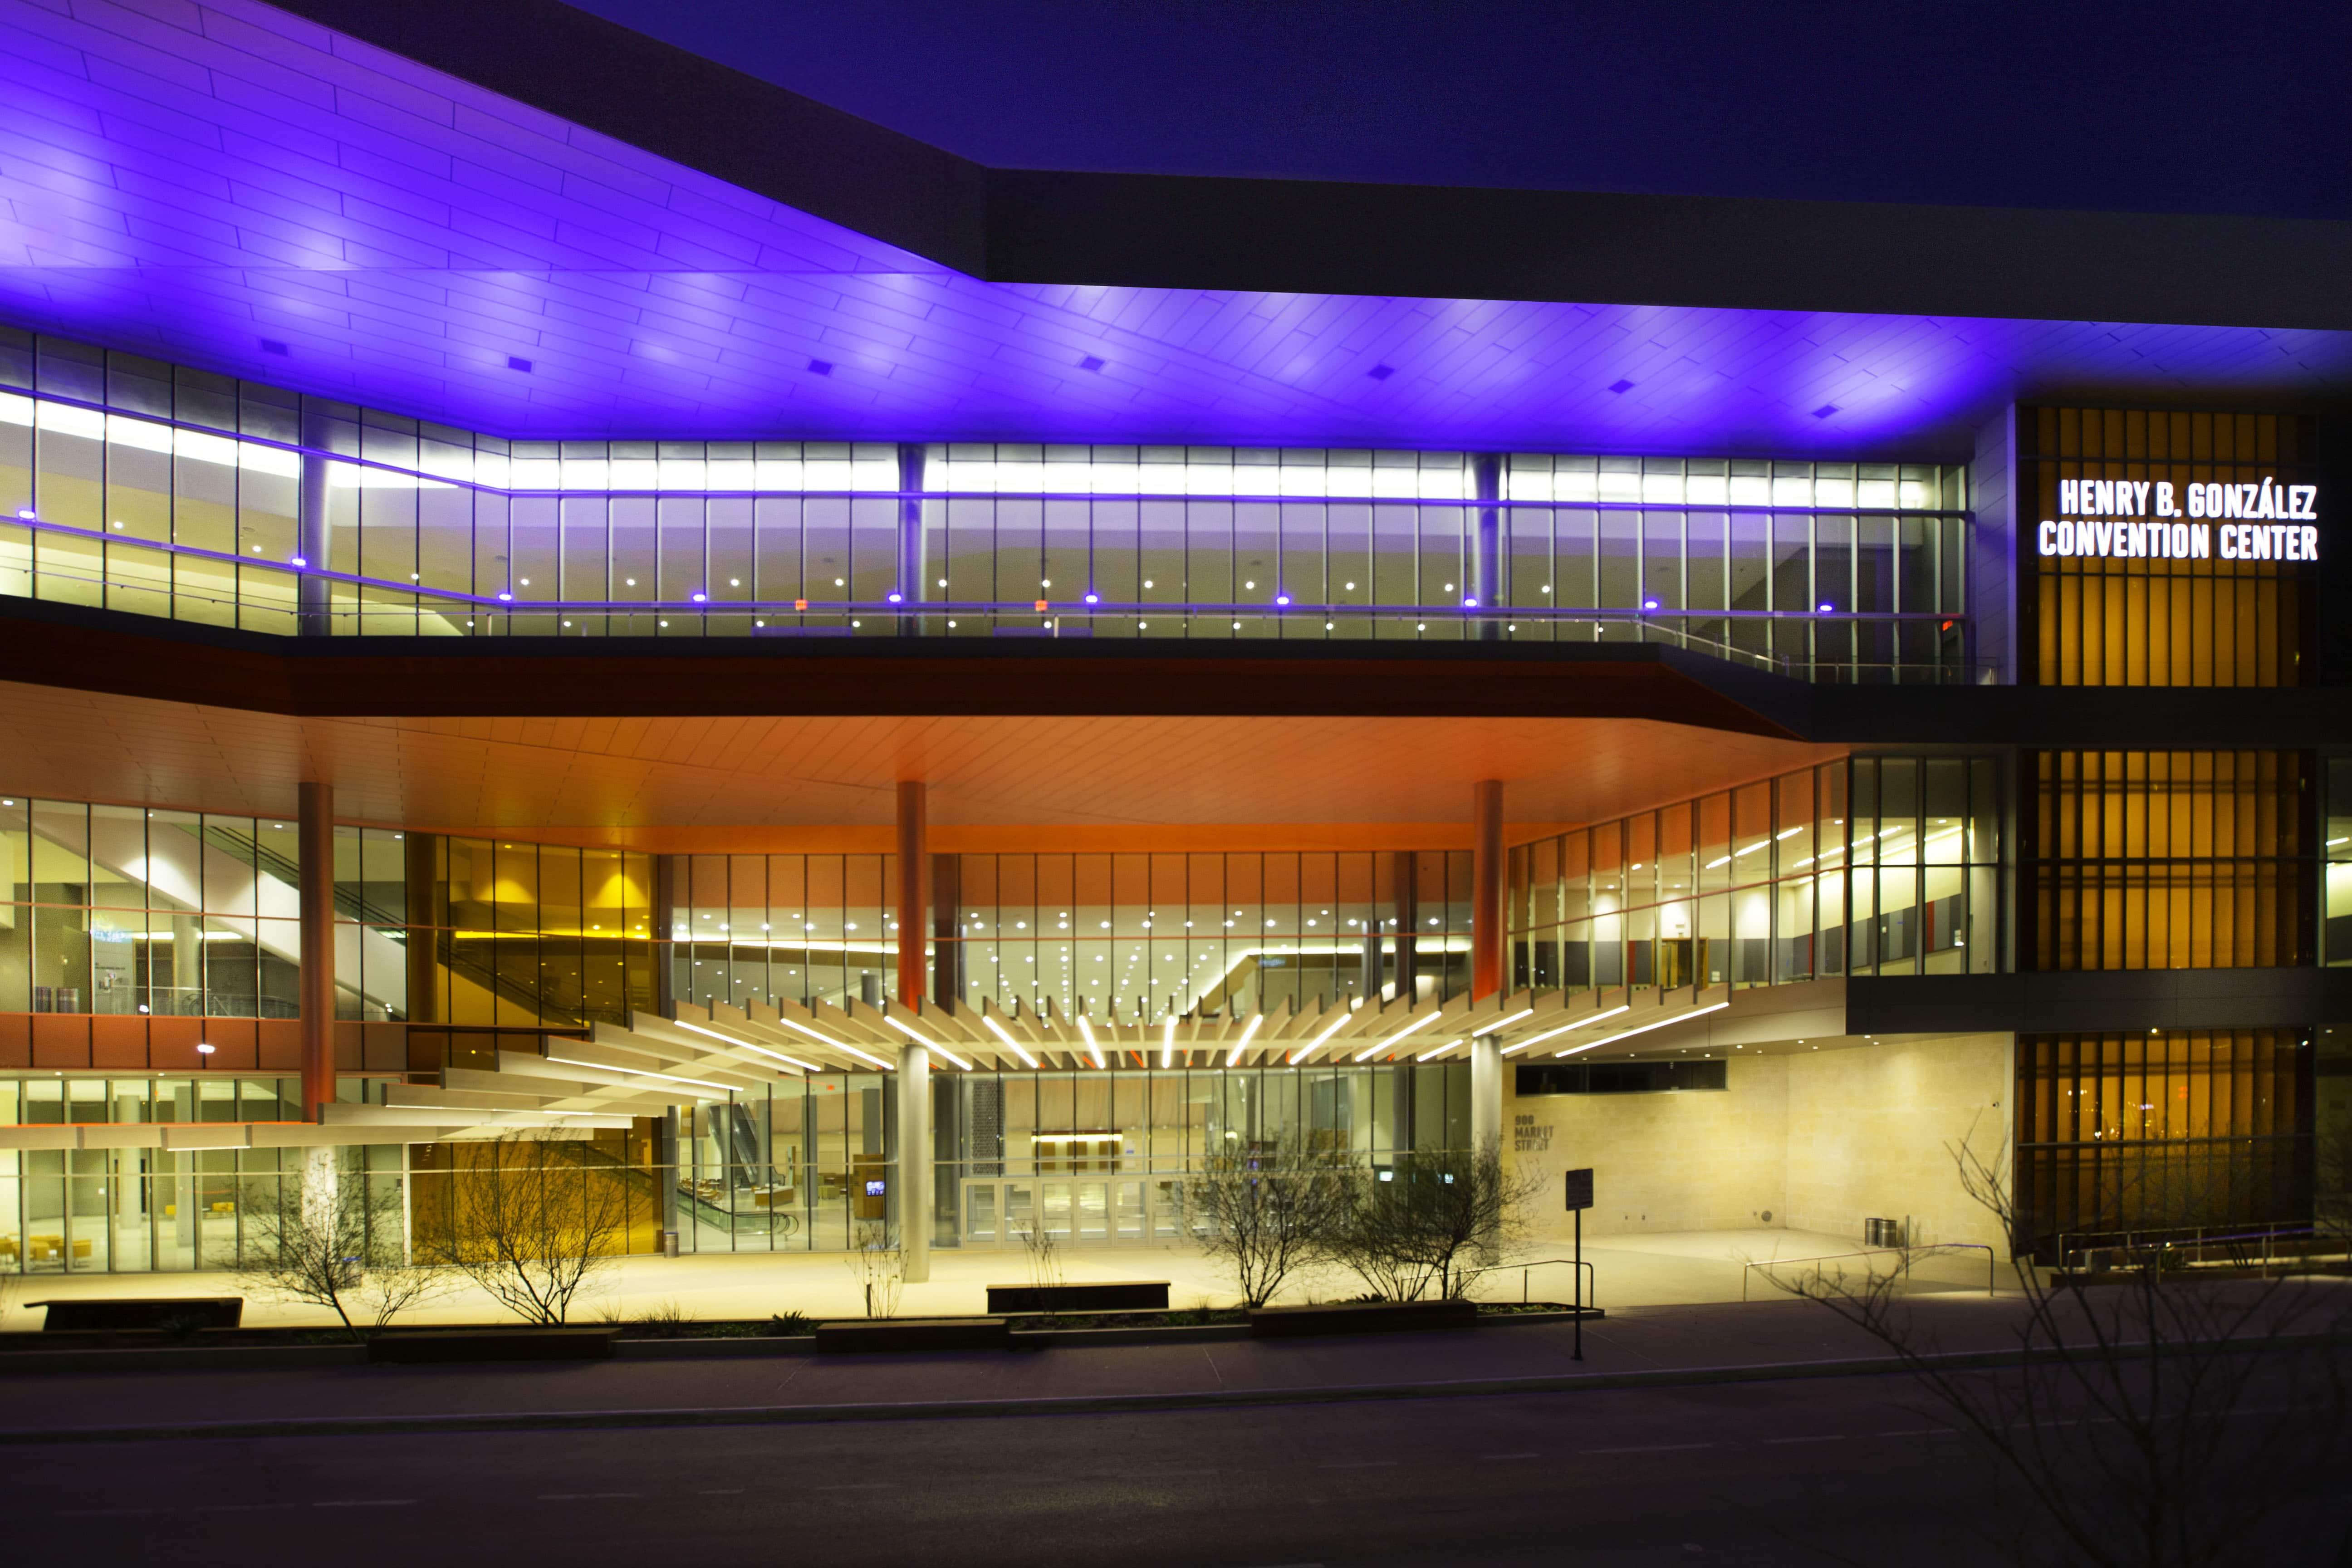 Henry B. González Convention Center - COLLABORATE 19 Location & Venue